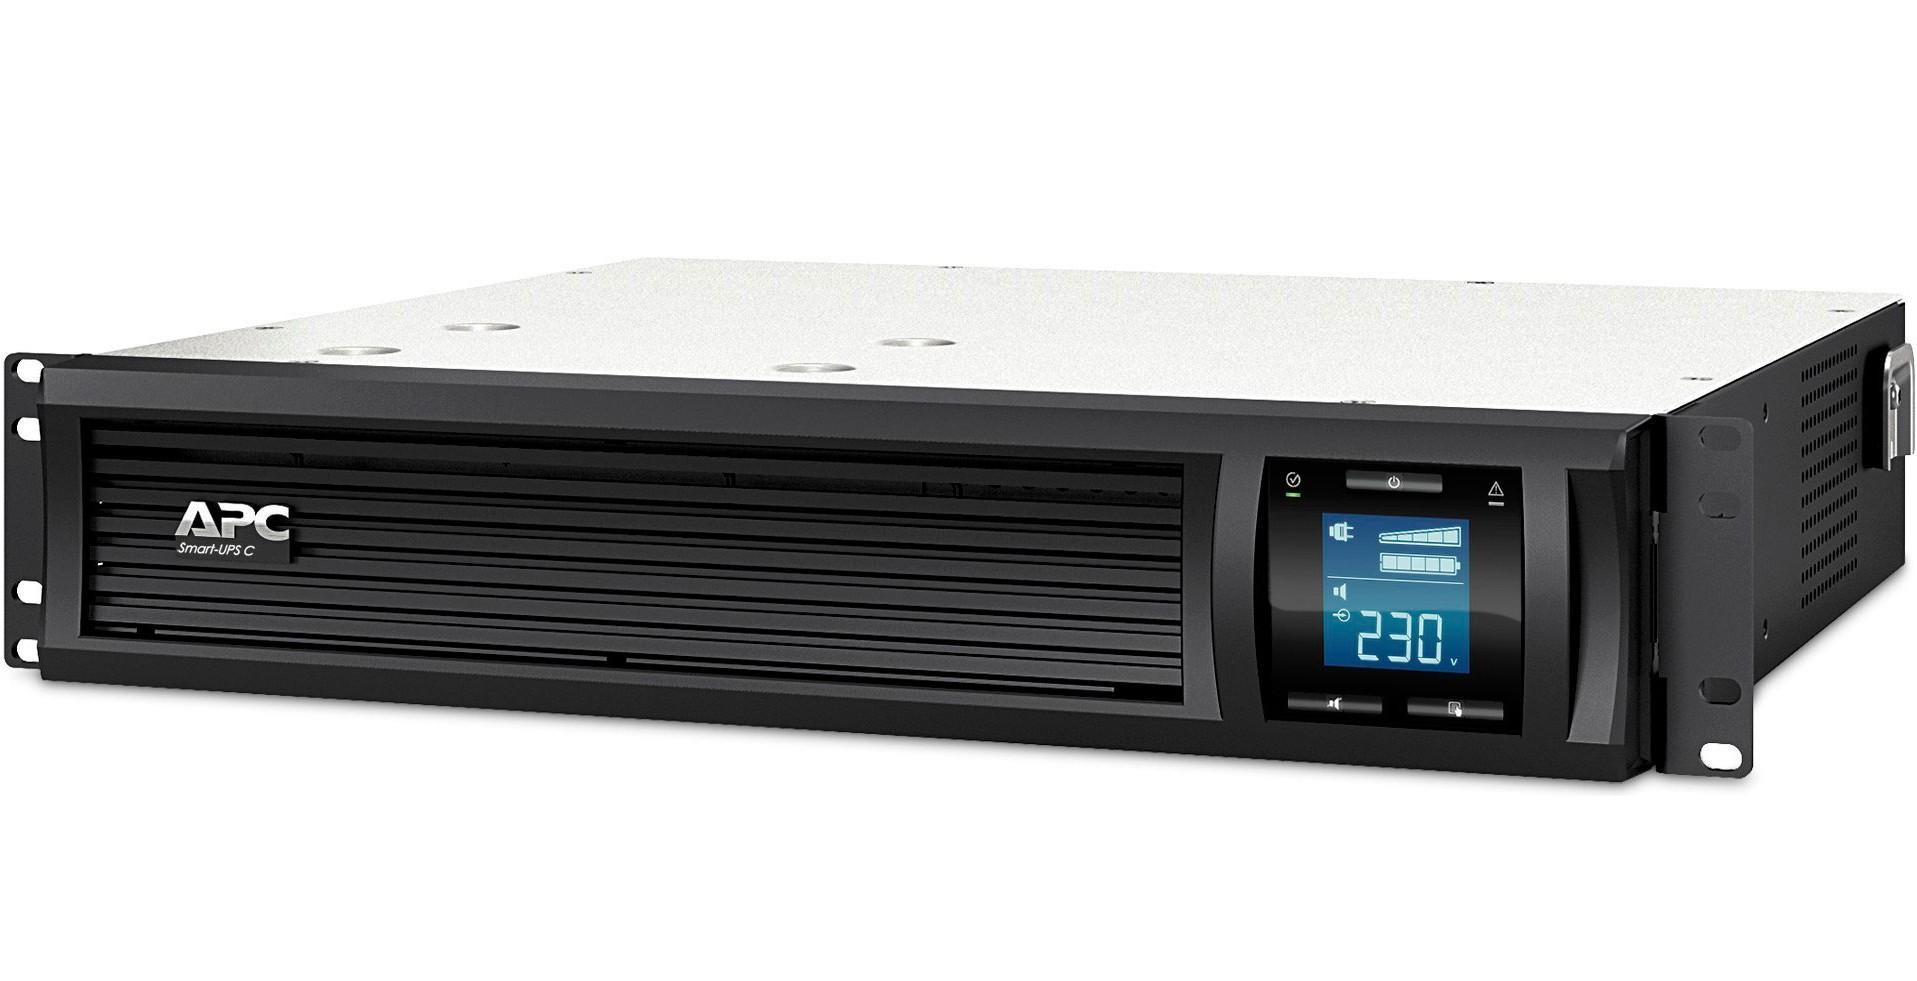 Источник бесперебойного питания (ИБП) APC SMART-UPS C RM, 3000VA, USB (SMC3000RMI2U)